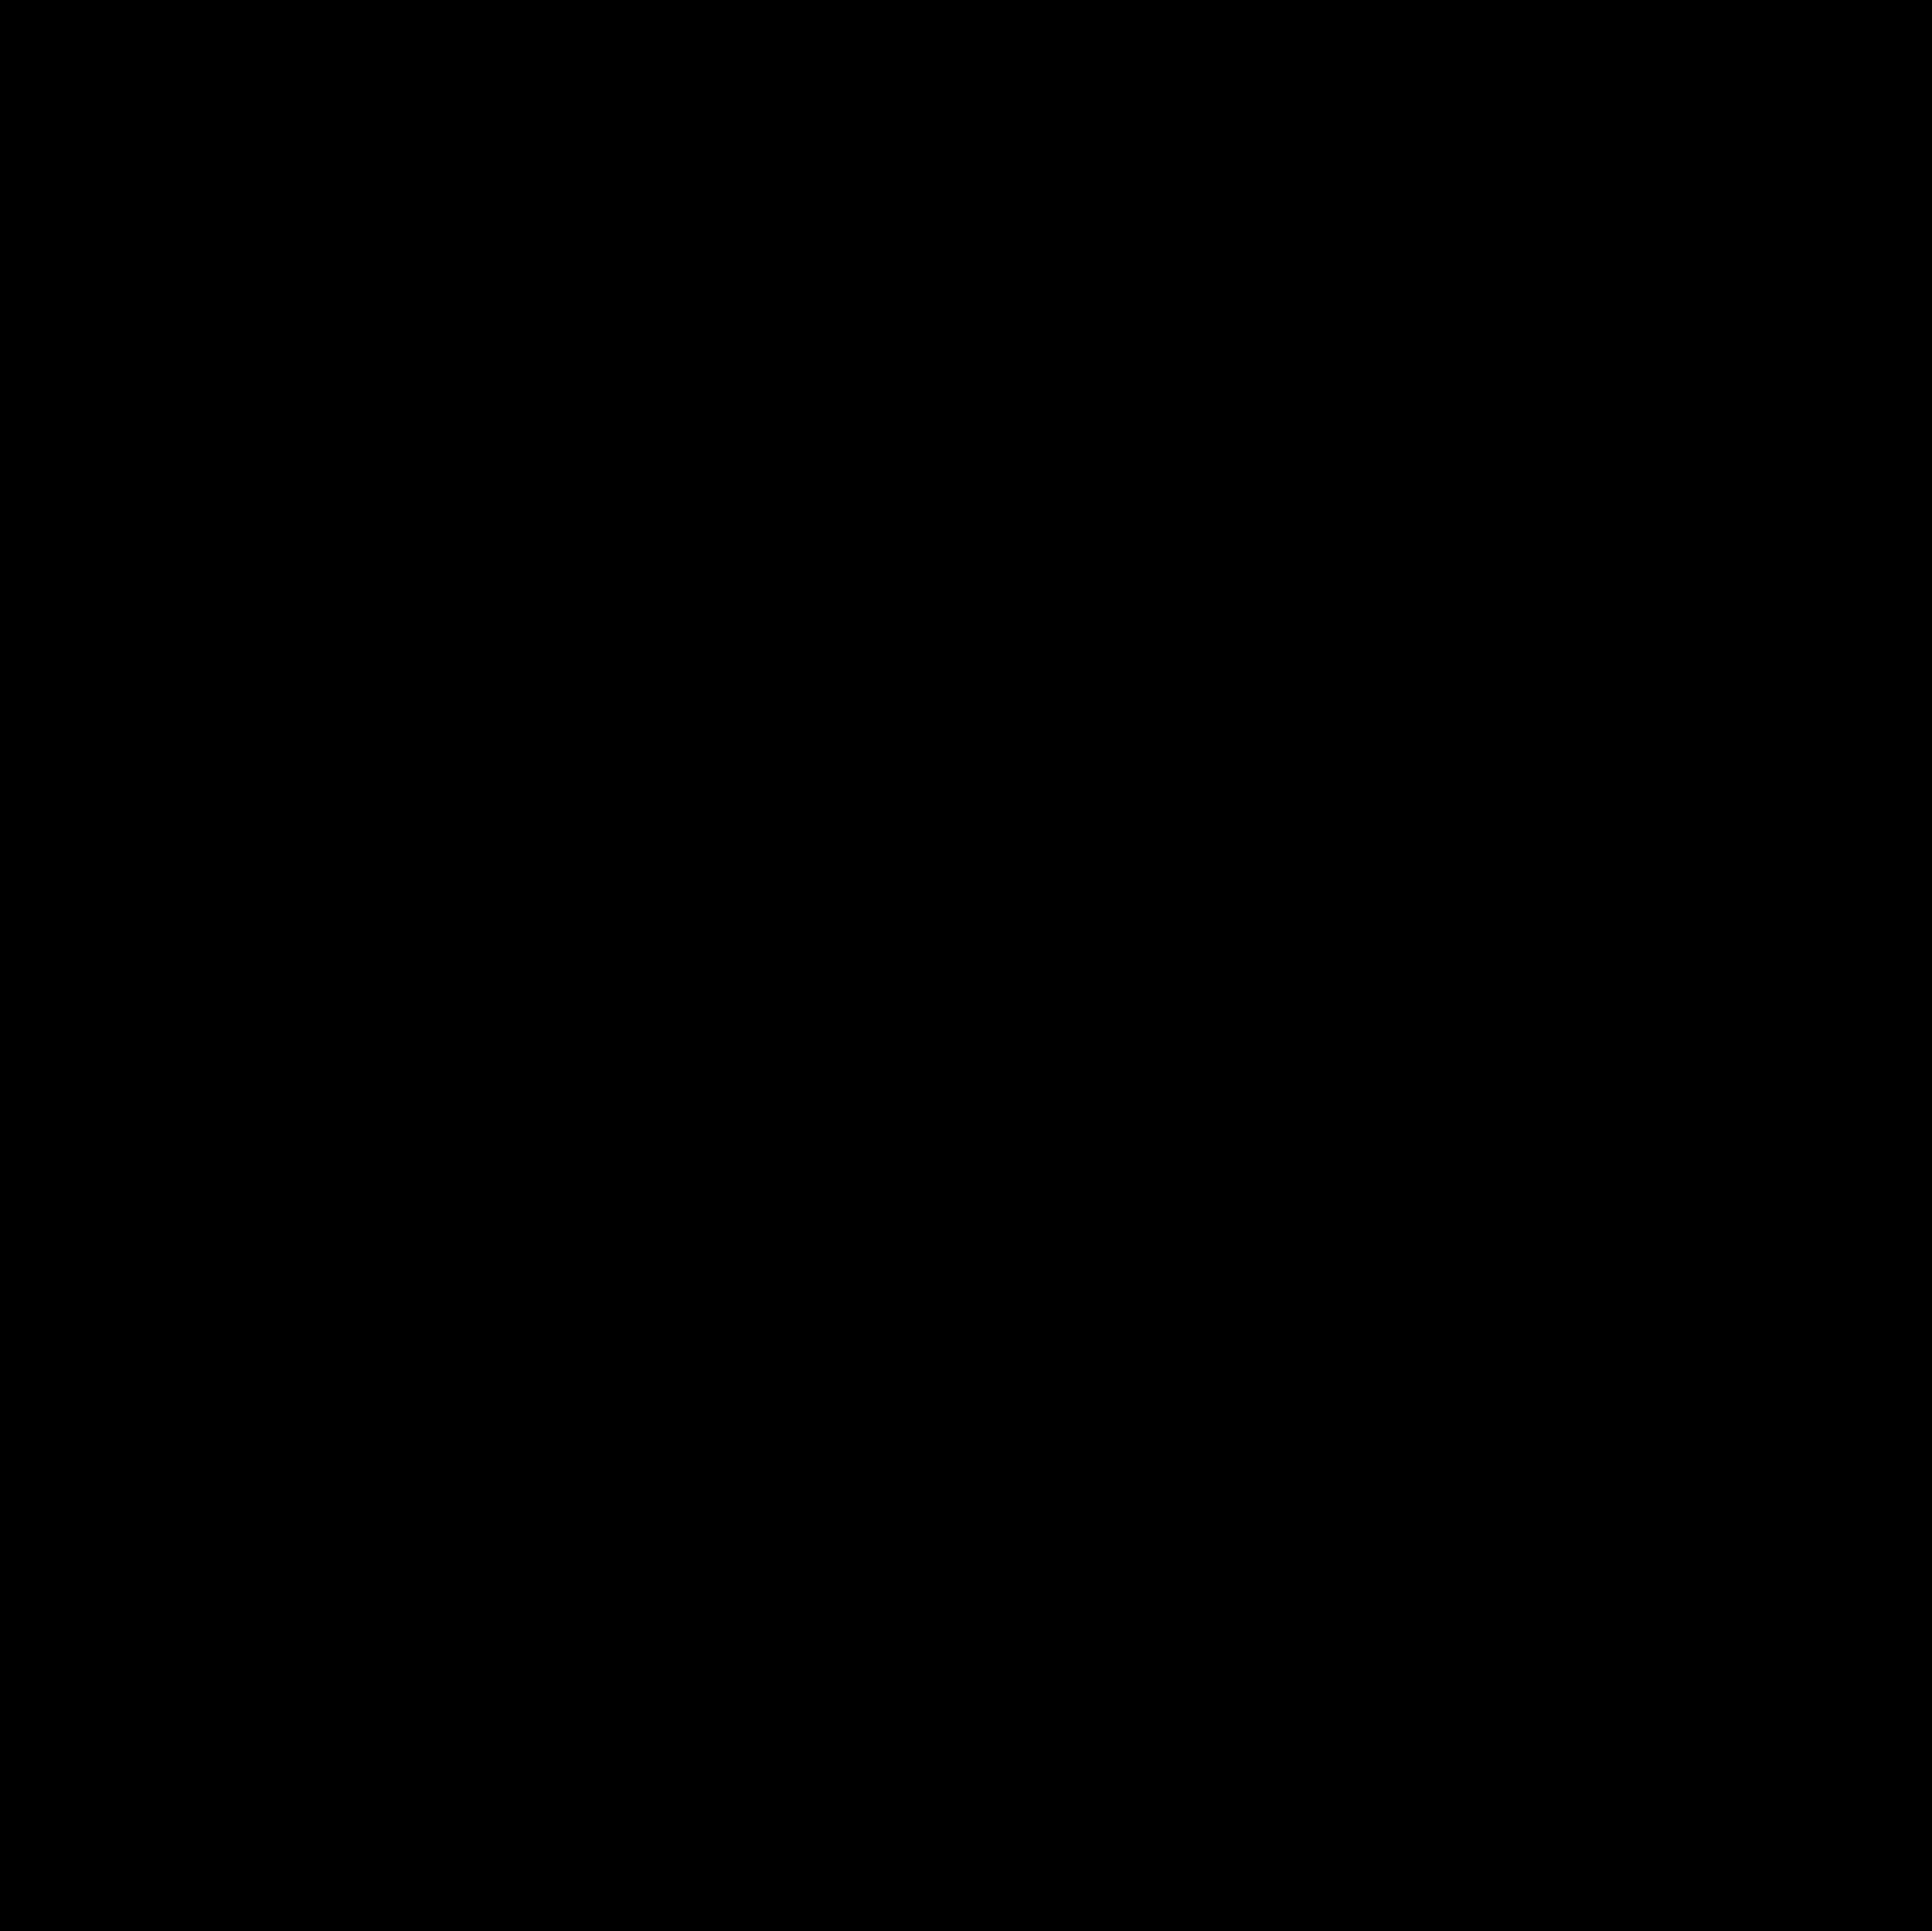 Логотип парусной регаты фото f_4195a2bc0a03f22f.png